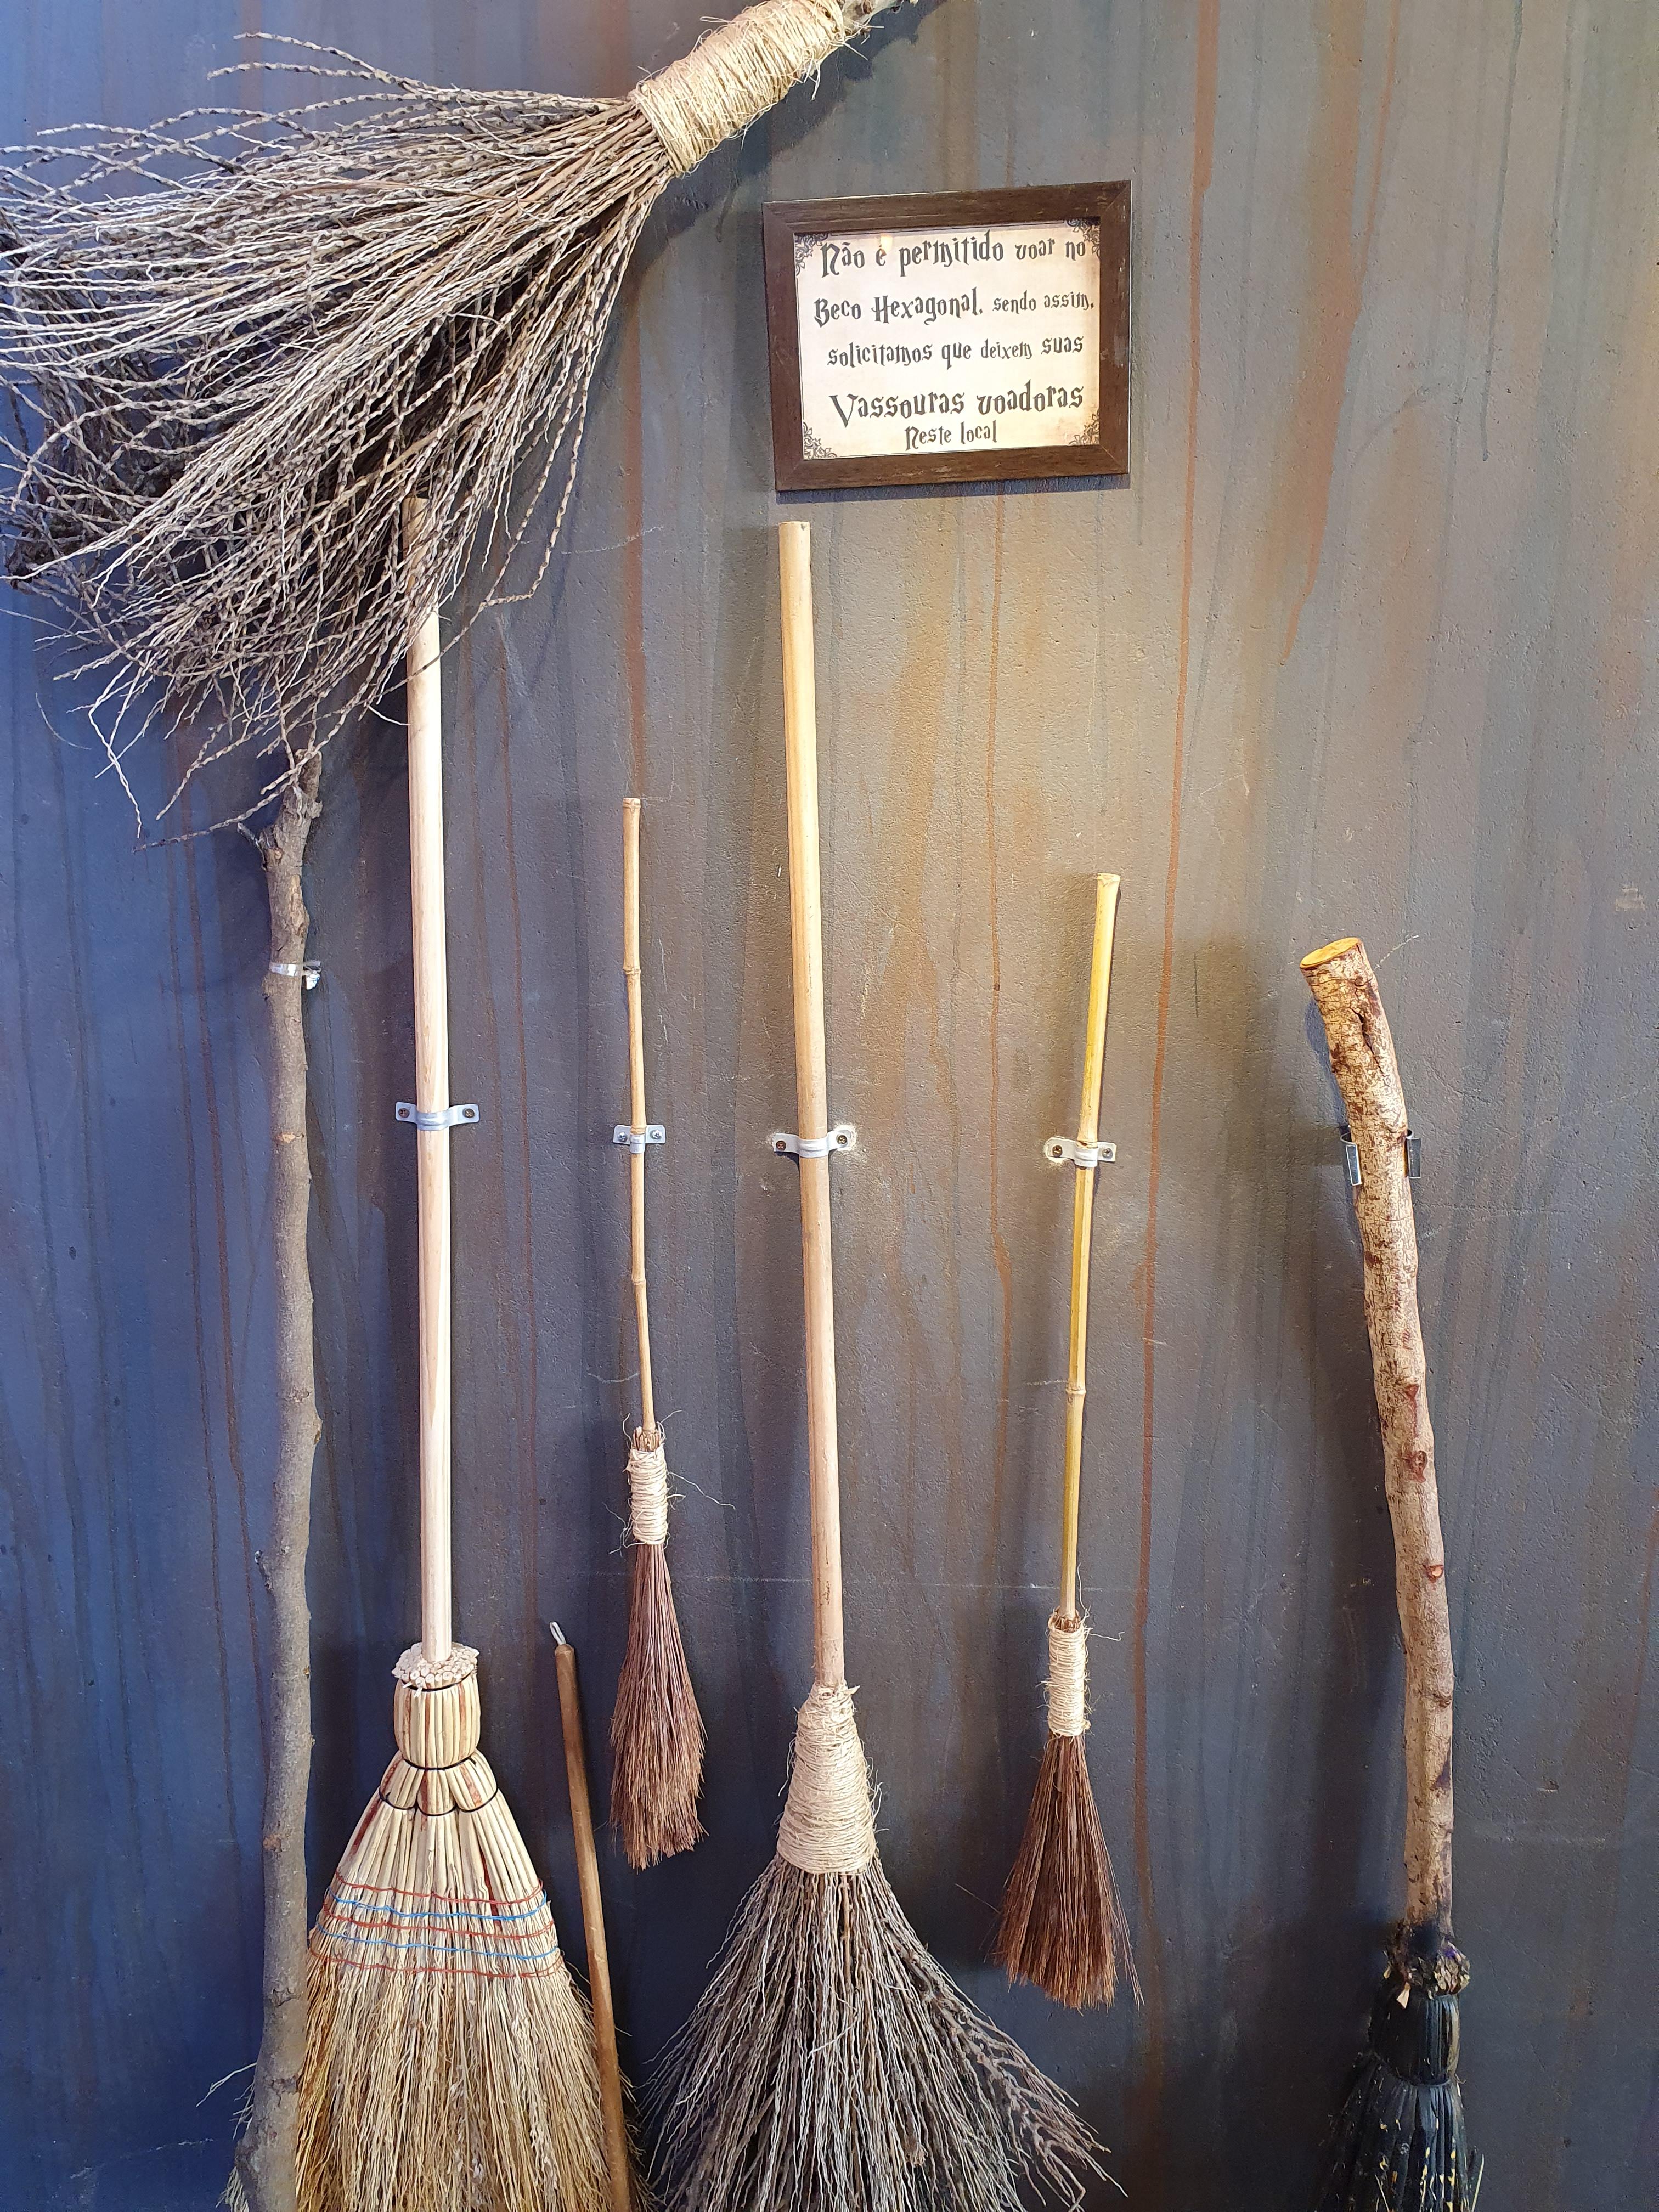 Imagem mostra vassouras penduradas na parede